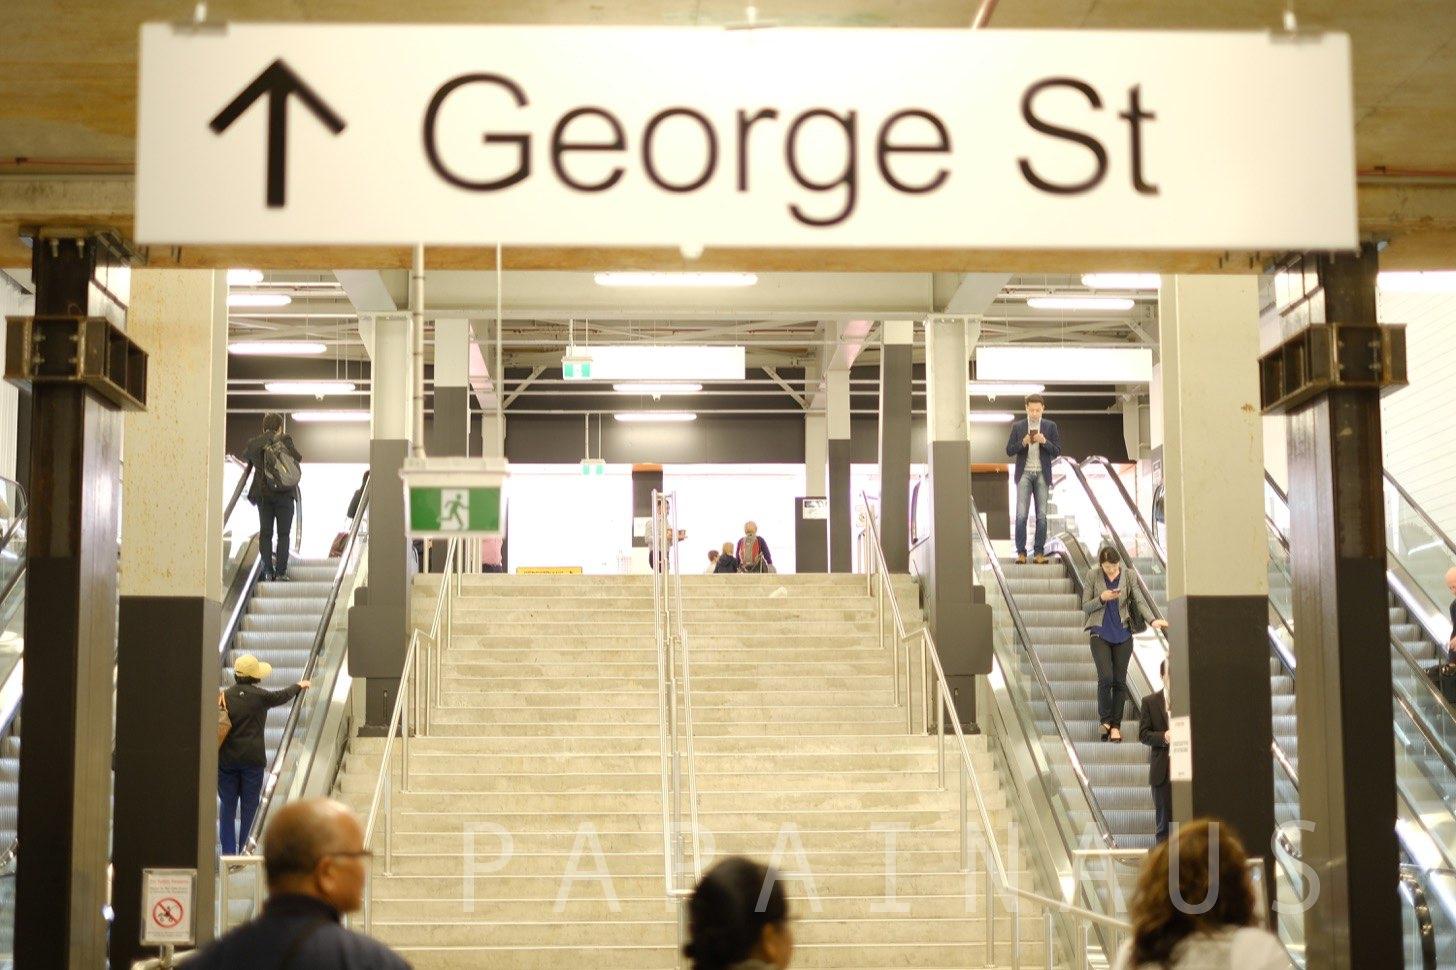 改札を出ると上り階段がある。最近Wynyardは改装しているので少し外装は違うかもしれないがGeorge stへの階段があるのでそちらへ向かう